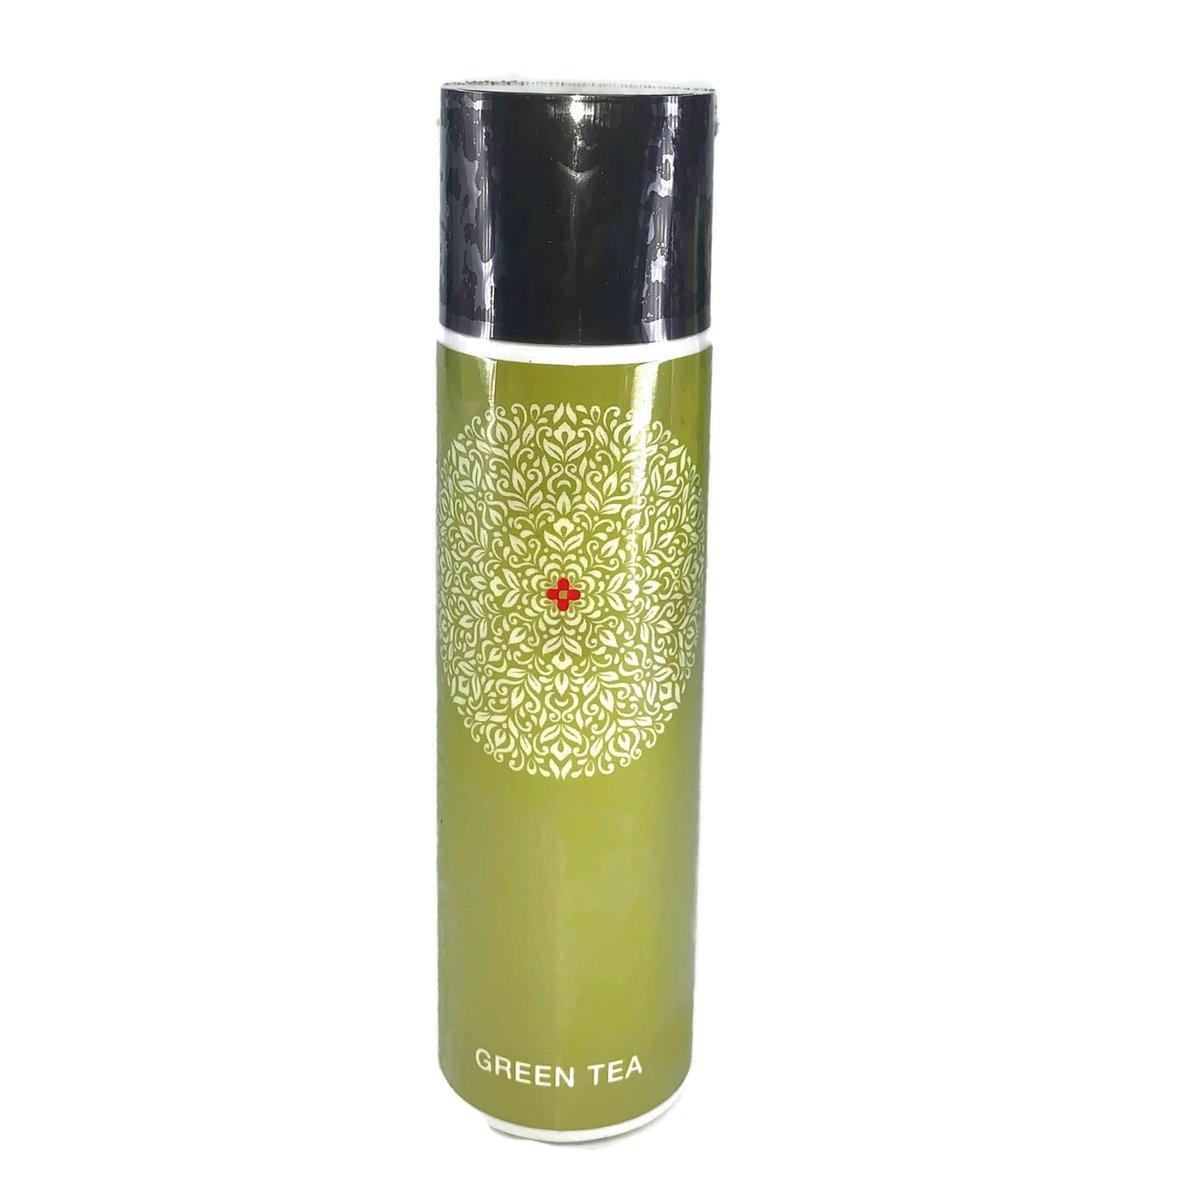 空氣淨化液 - 綠茶 -125ml